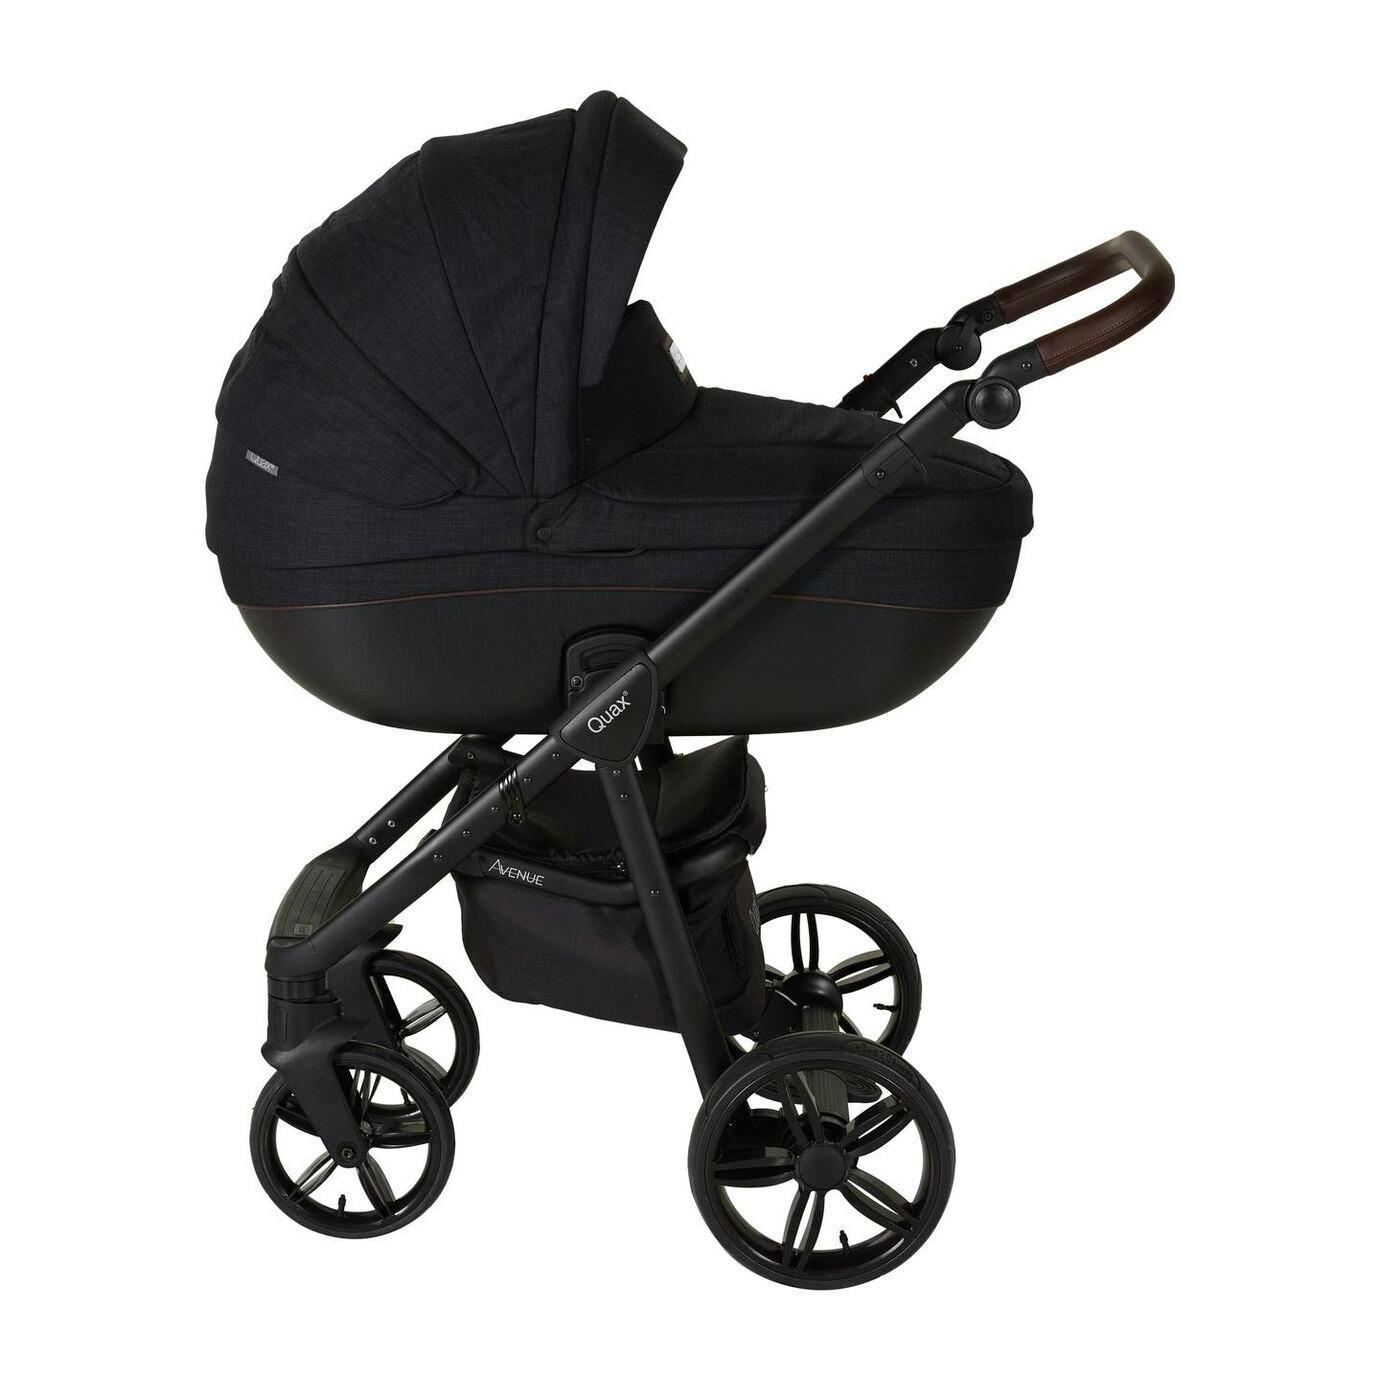 Quax - Avenue Kinderwagen - Black